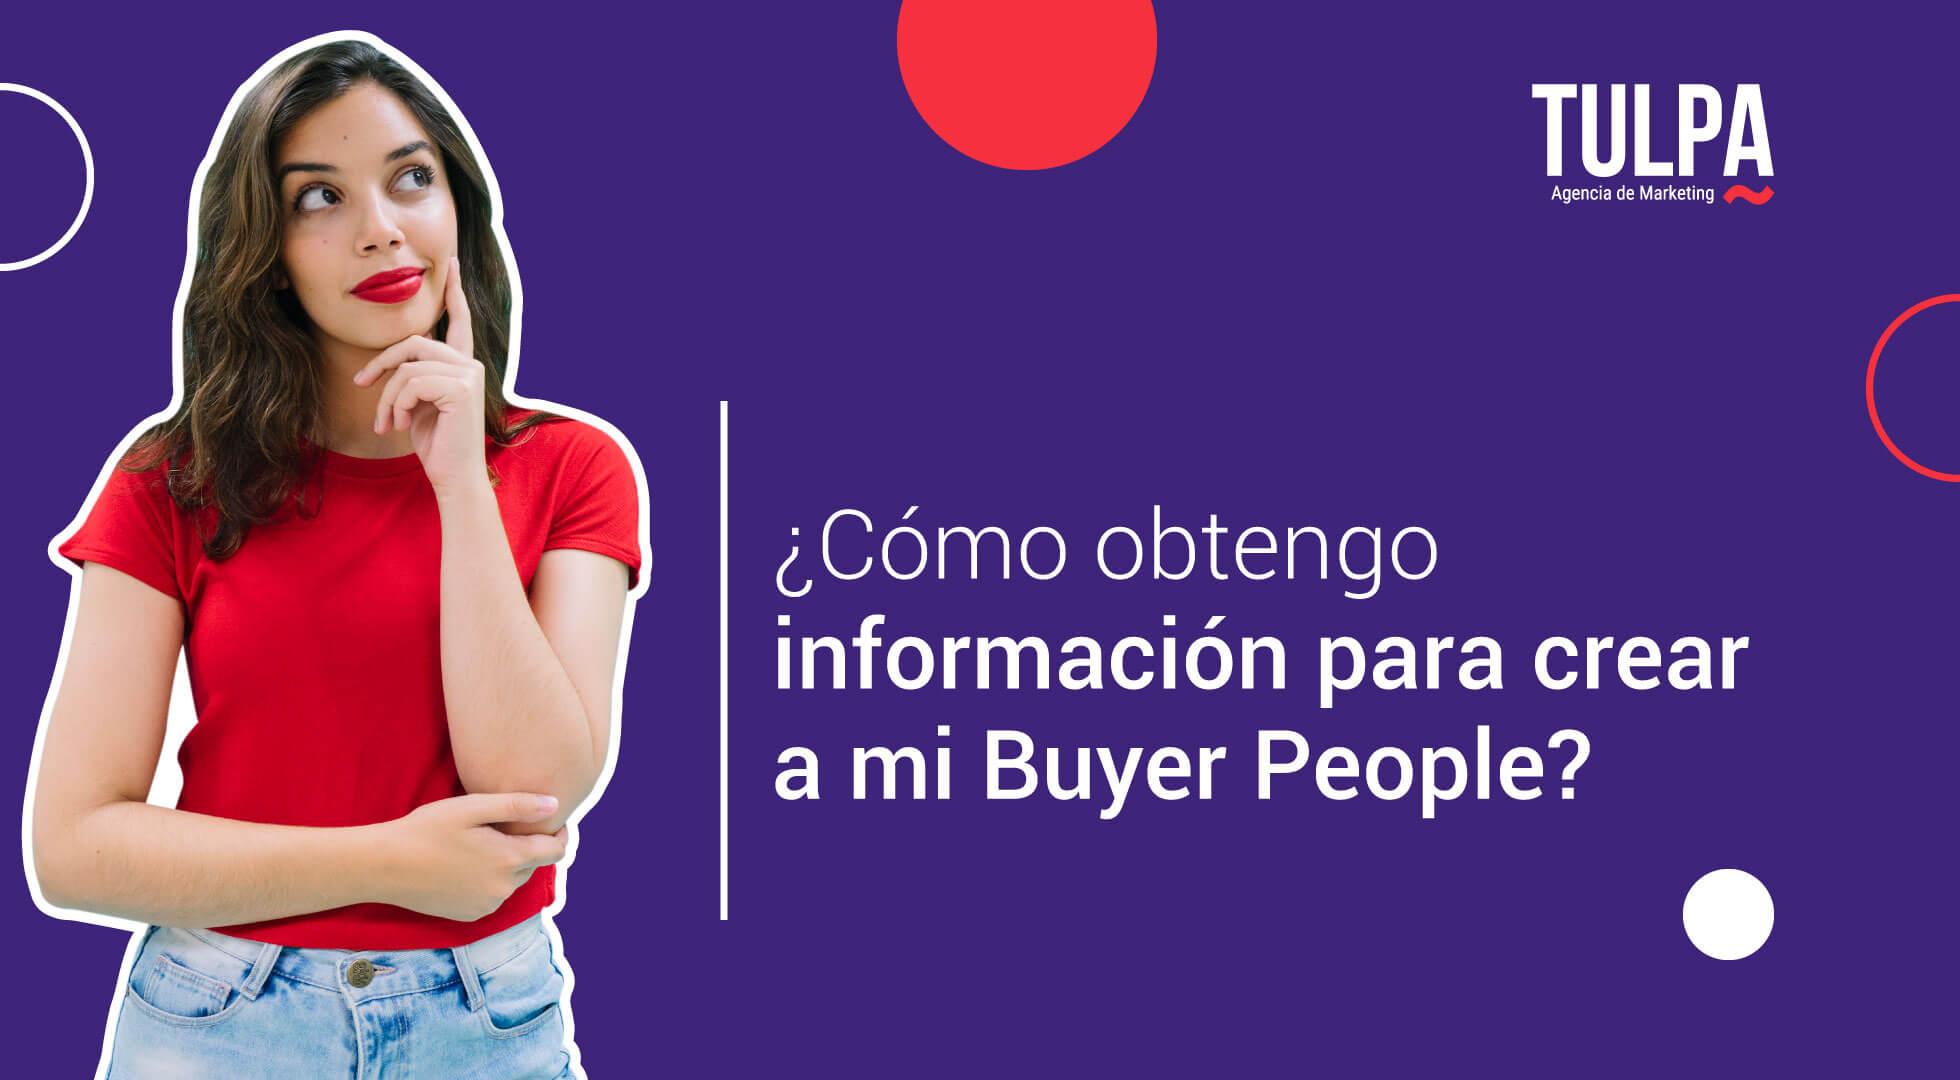 ¿Cómo obtengo información para crear a mi Buyer People?